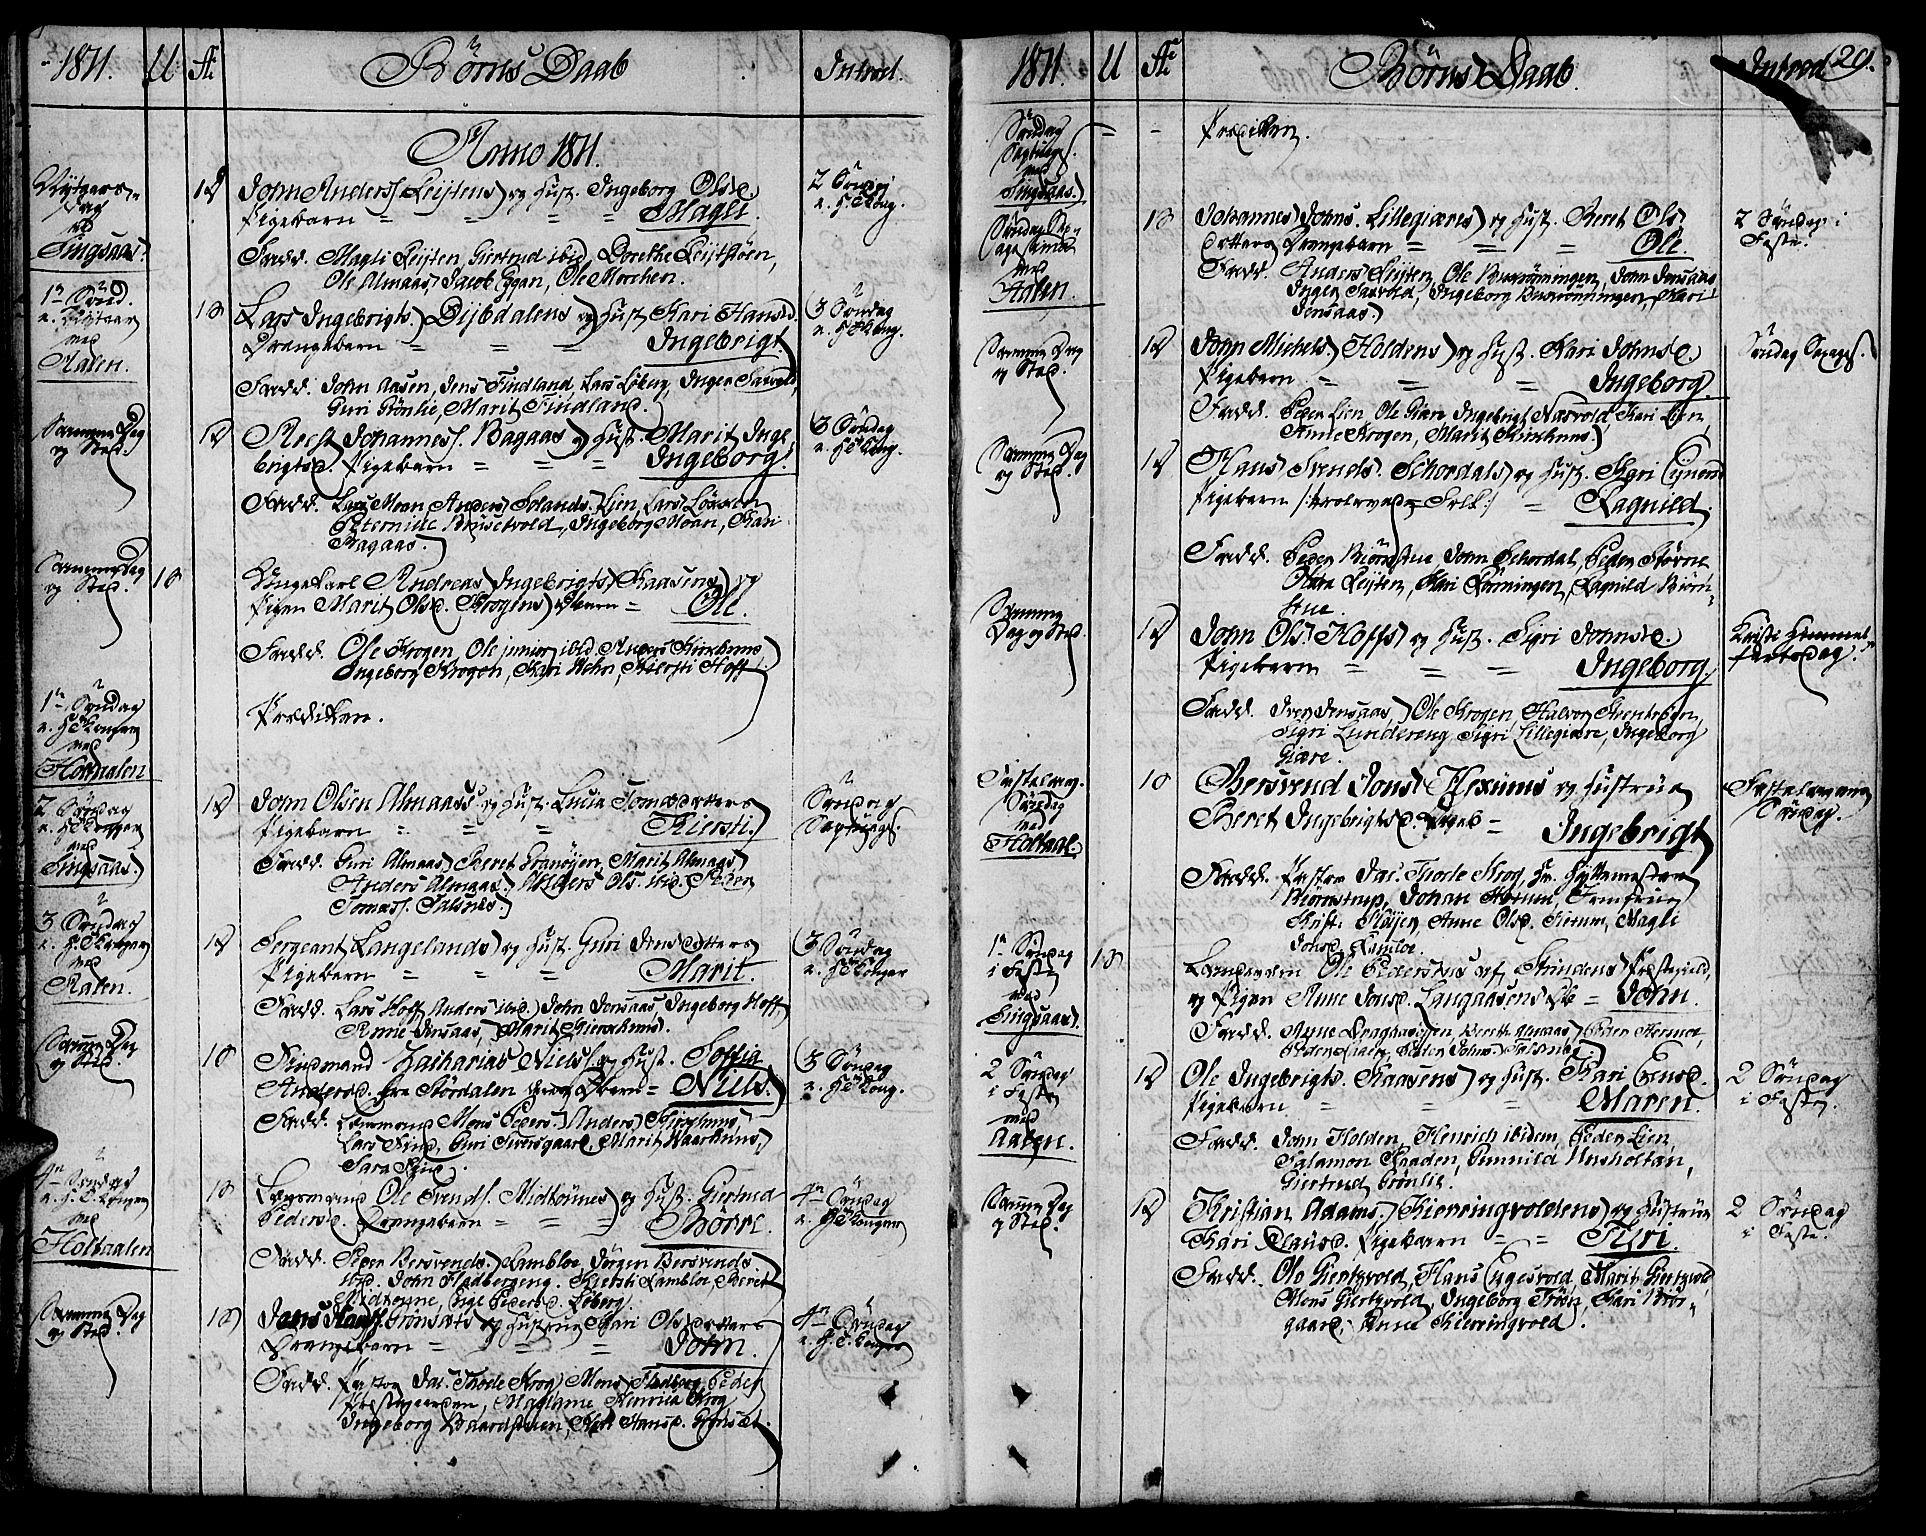 SAT, Ministerialprotokoller, klokkerbøker og fødselsregistre - Sør-Trøndelag, 685/L0953: Ministerialbok nr. 685A02, 1805-1816, s. 29